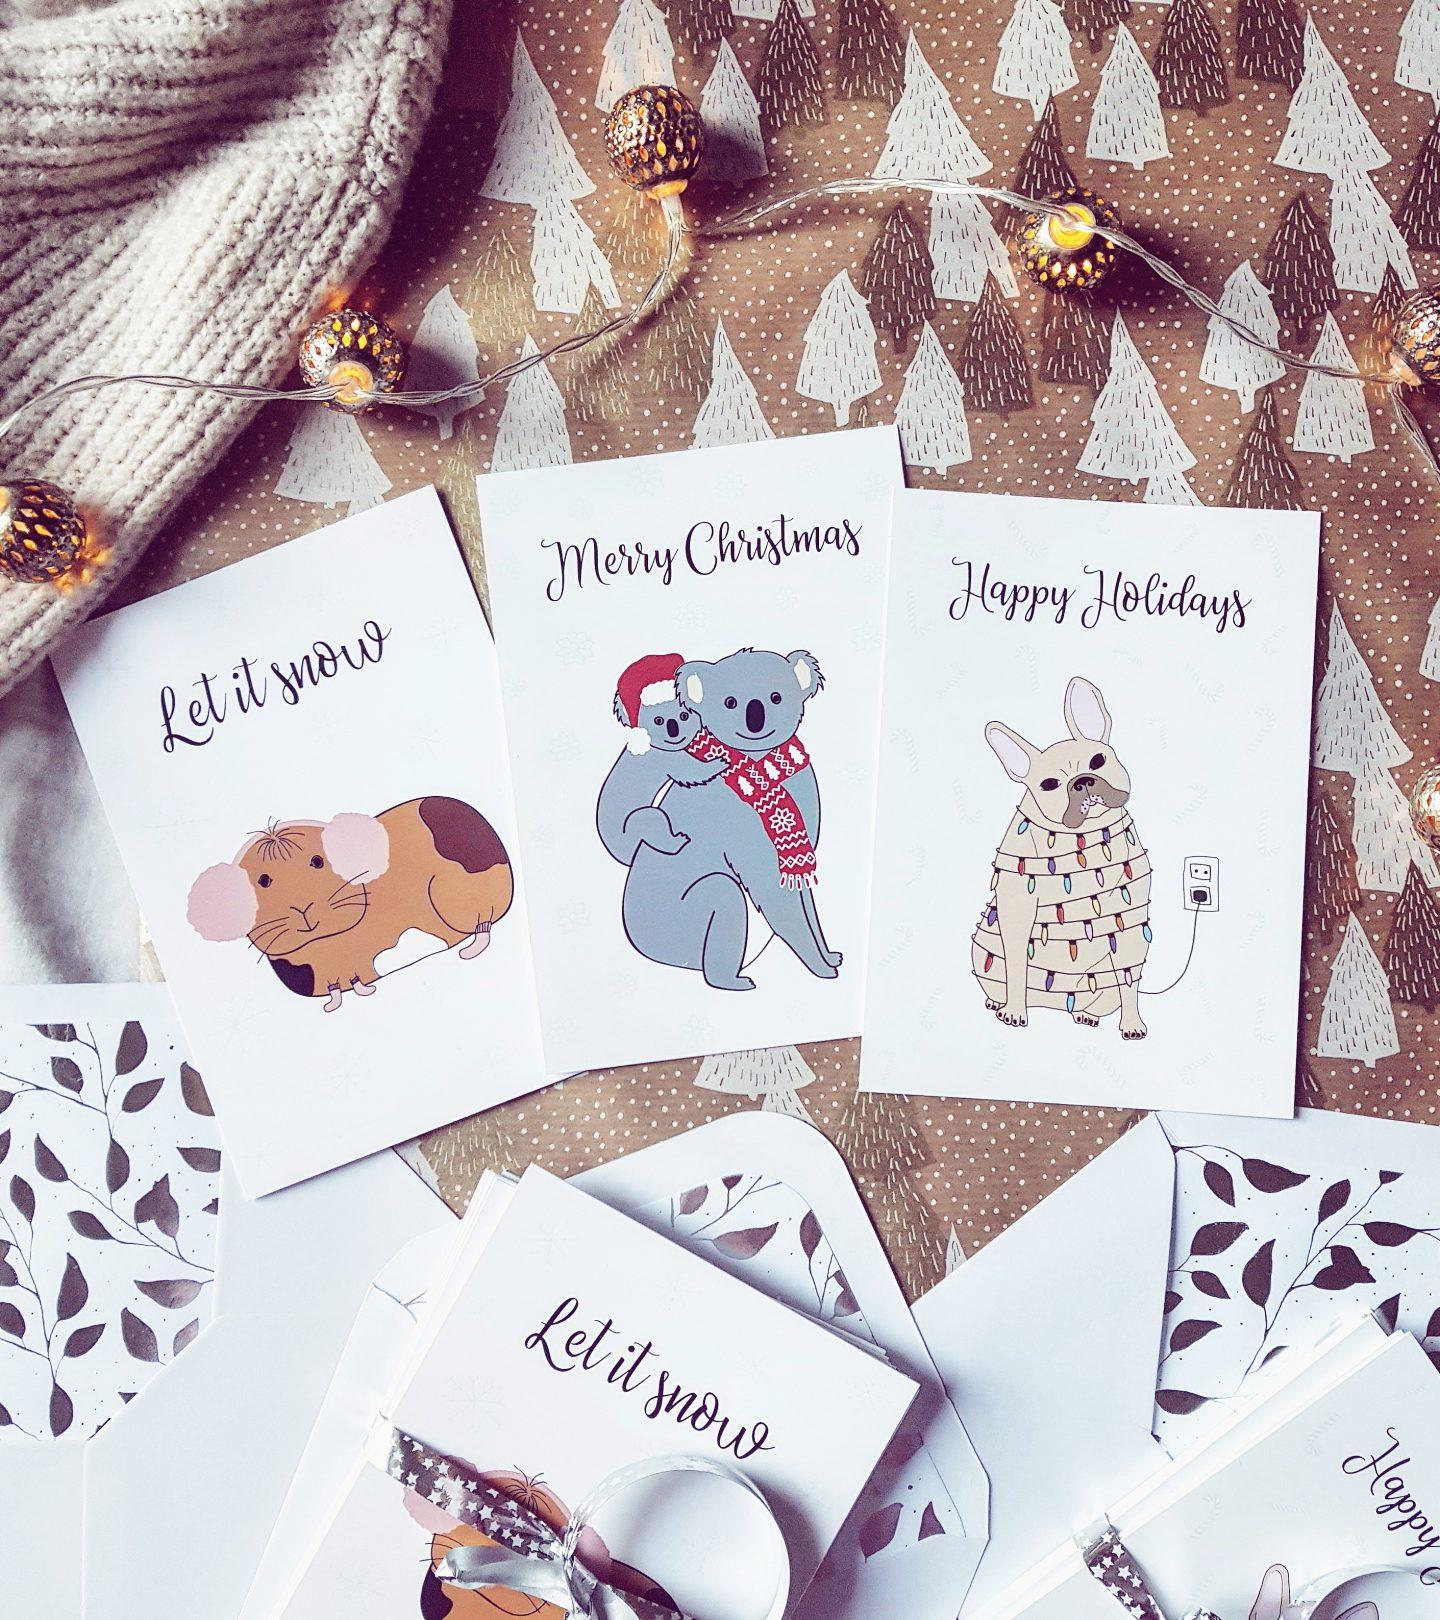 5 leuke dingen die ik ga doen in de decembermaand!